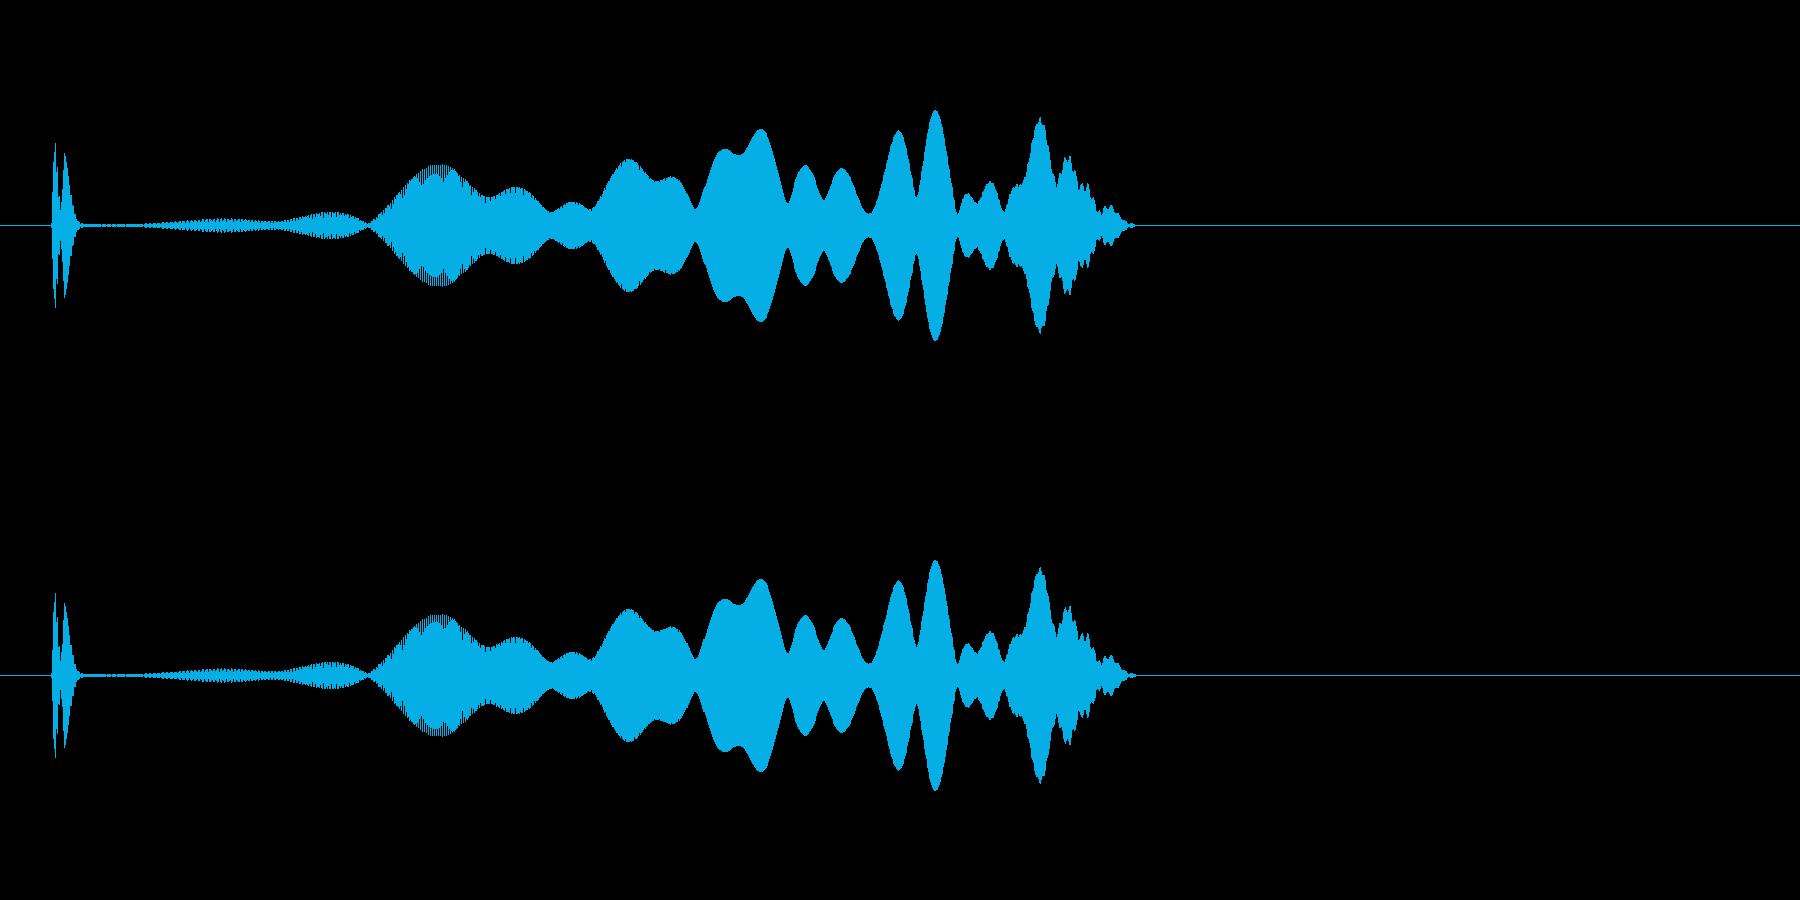 画面が収束していくタップモーションの再生済みの波形